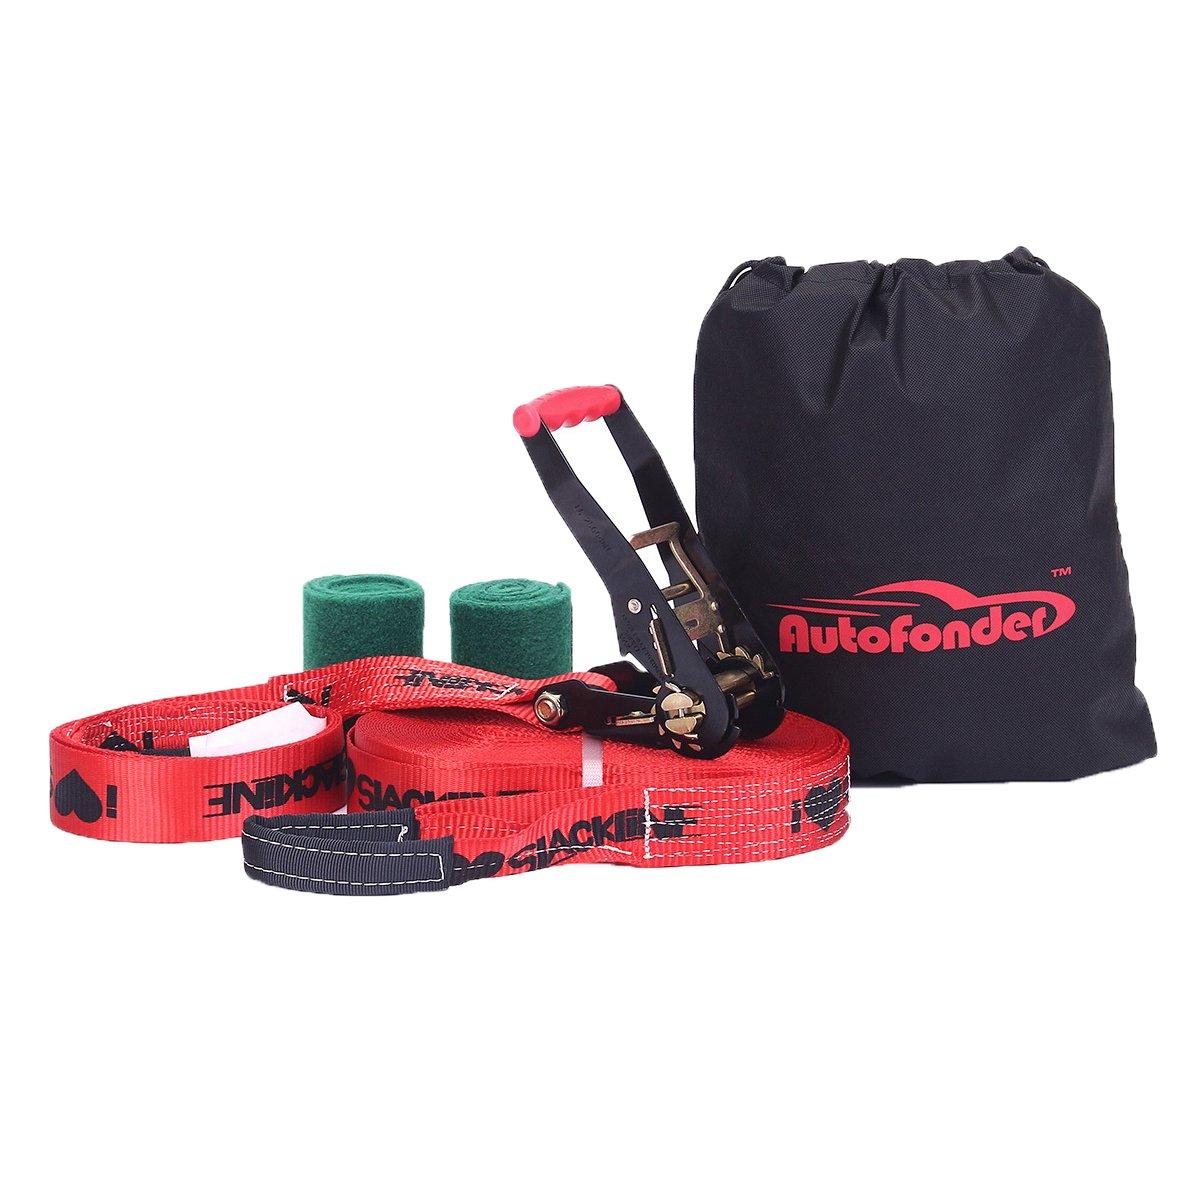 Autofonder Slackline Slack Line Kit-Strong Ratchet with Grip Tree Protectors Carry Bag and Instruction Booklet Complete 50ft Slack Line Set Easy to Set Up